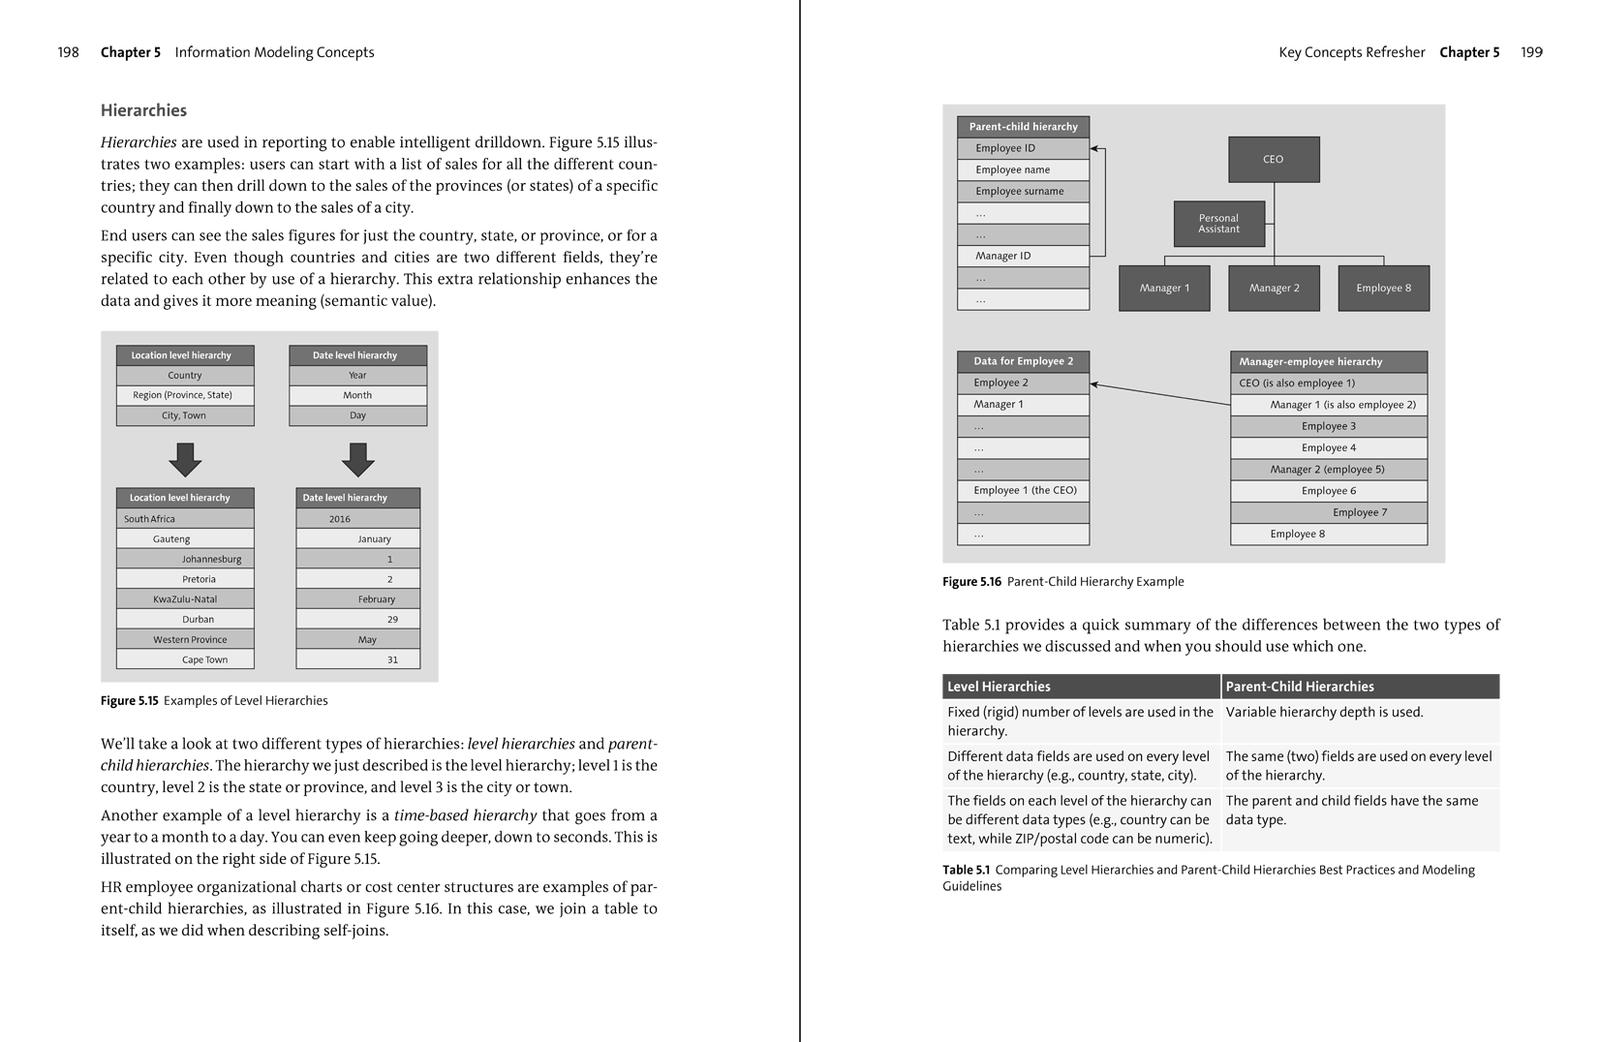 Sap hana 20 certification guide chanaimp13 book by sap press bildunterschrift optional bildunterschrift optional xflitez Gallery